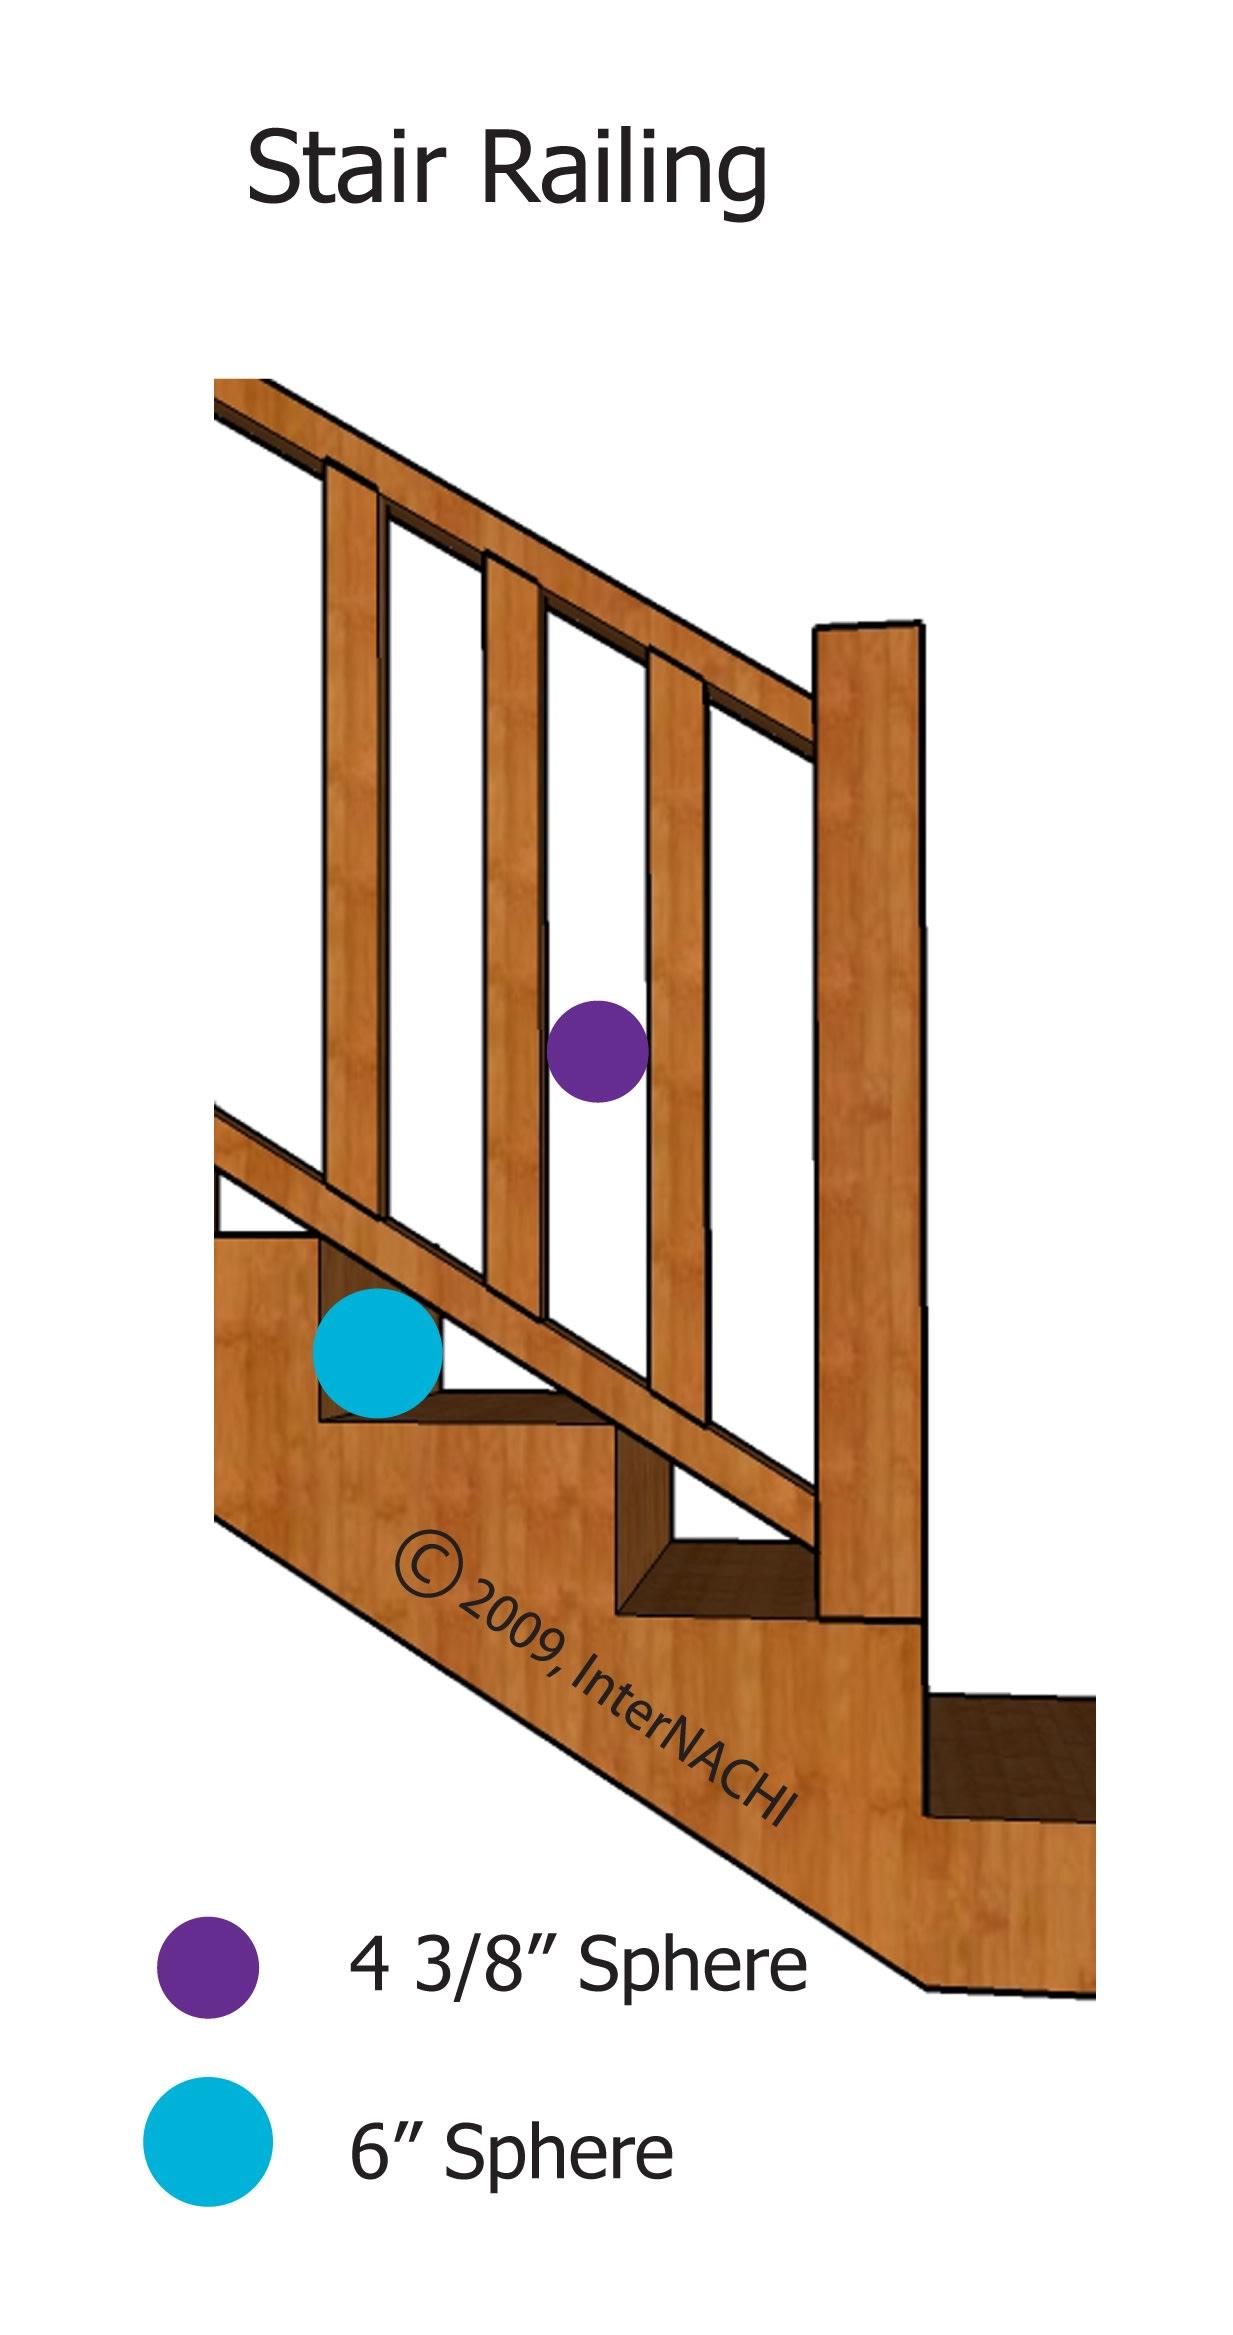 Stair Railing Spacing